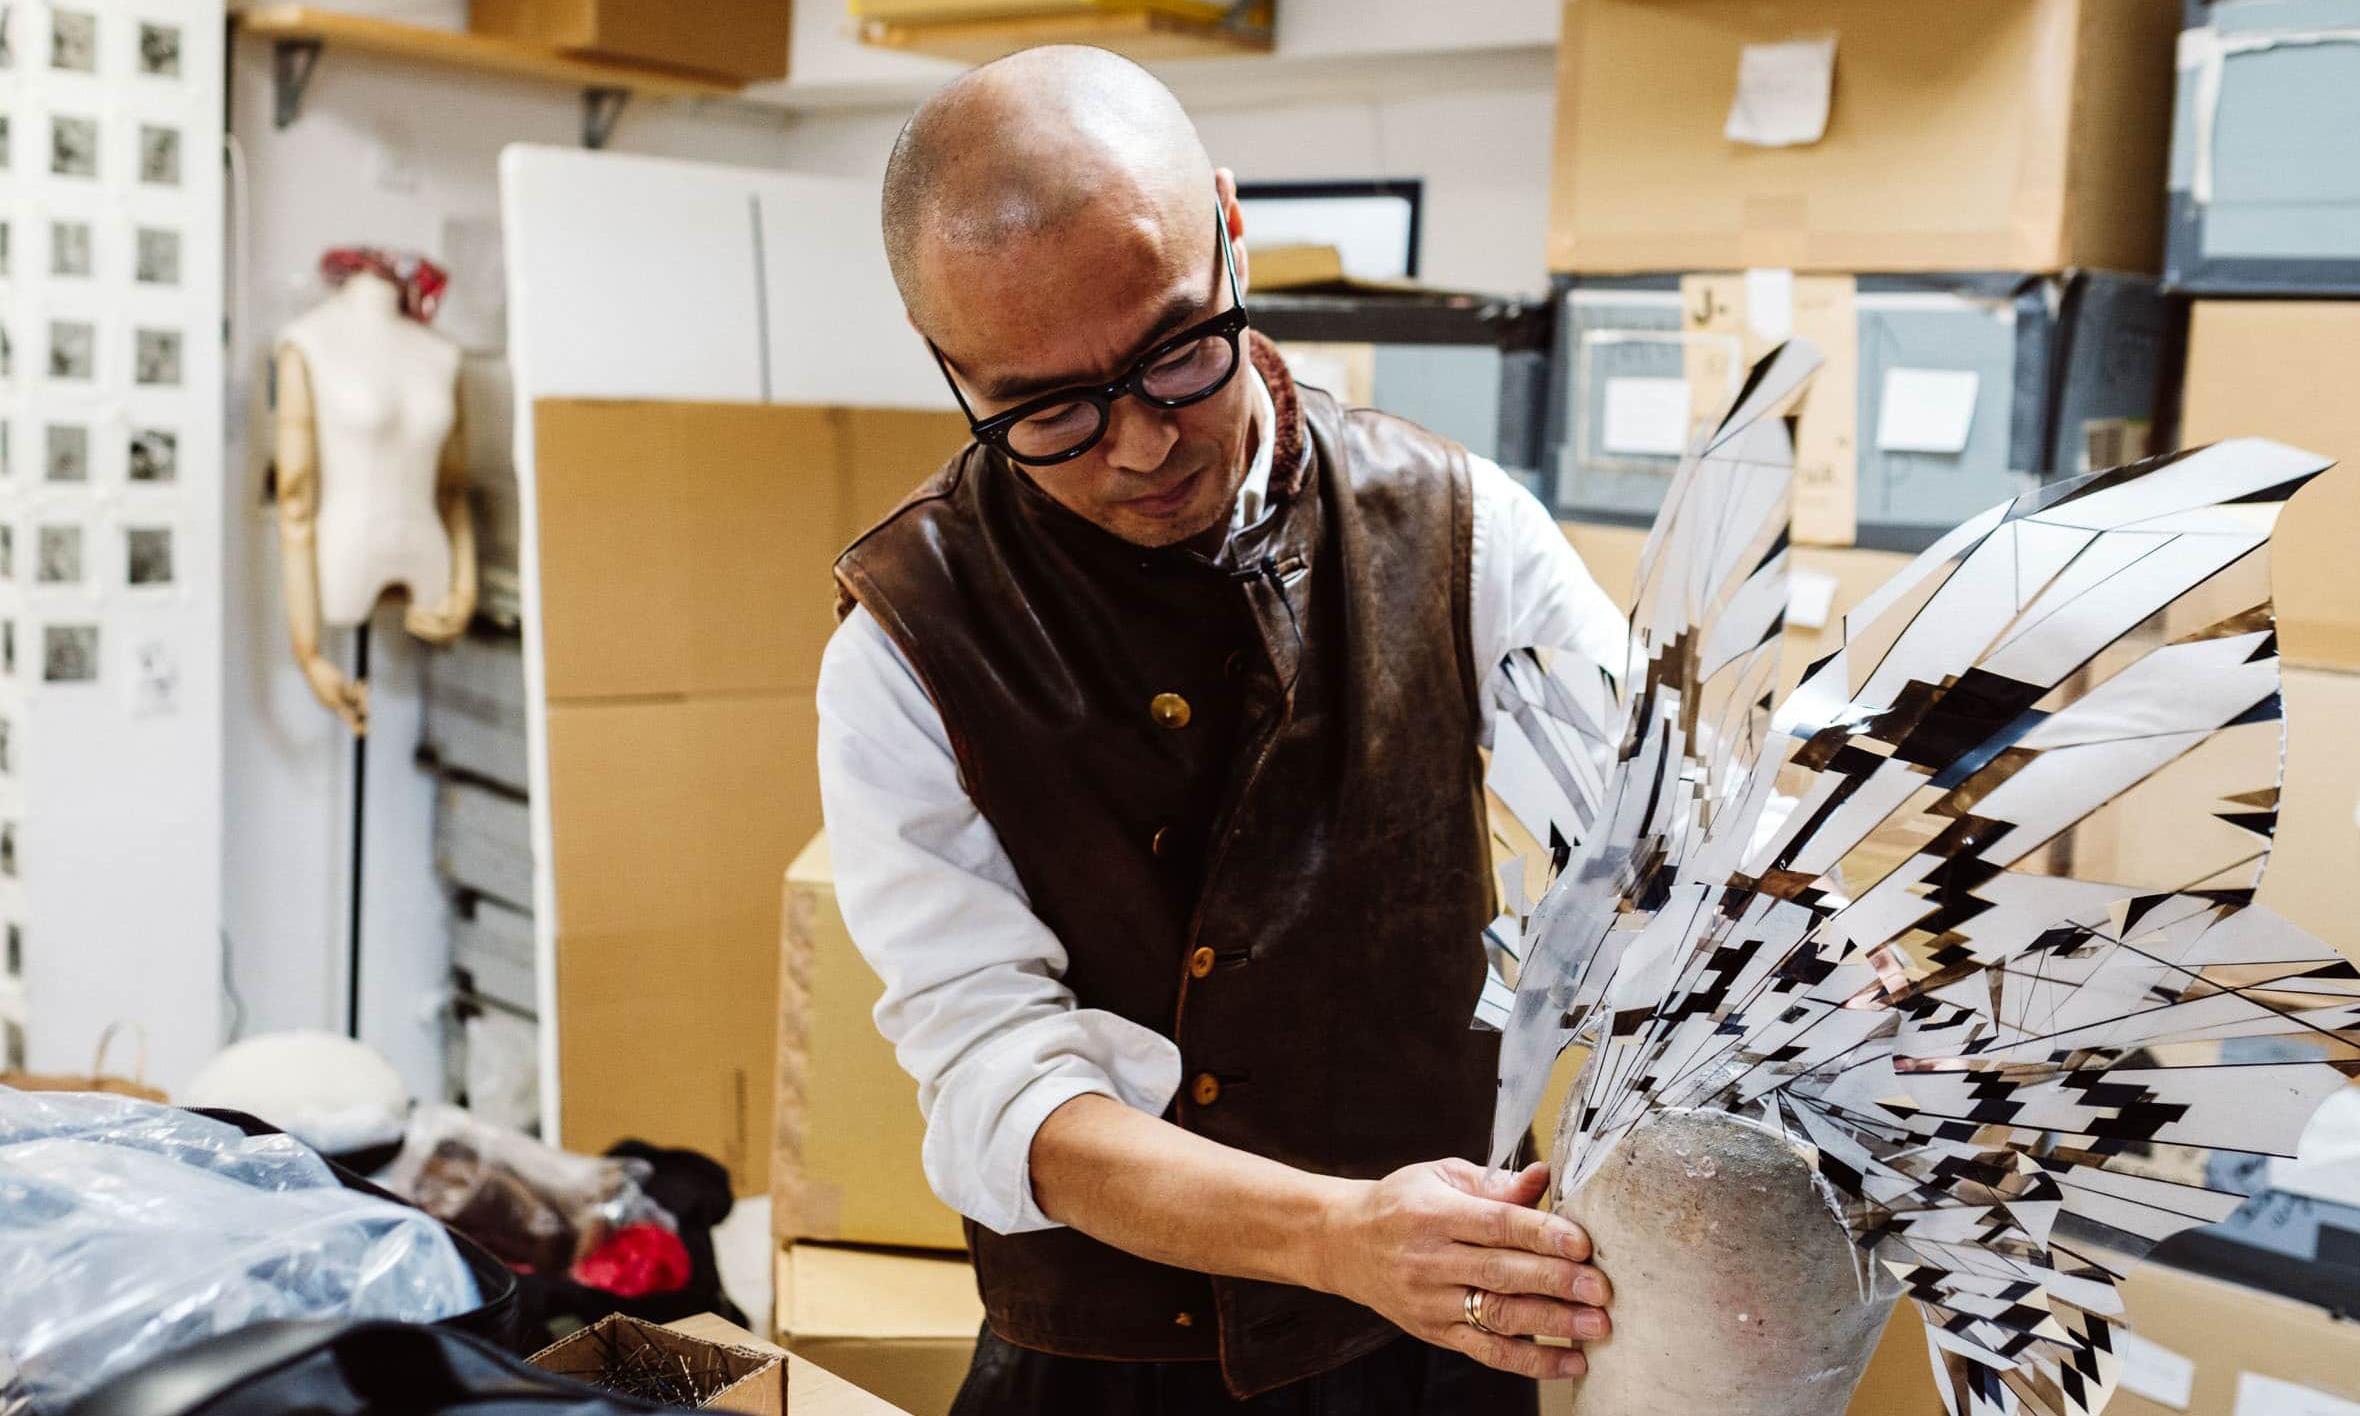 告别加茂克也,一位让整个时尚界缅怀的「发型设计师」